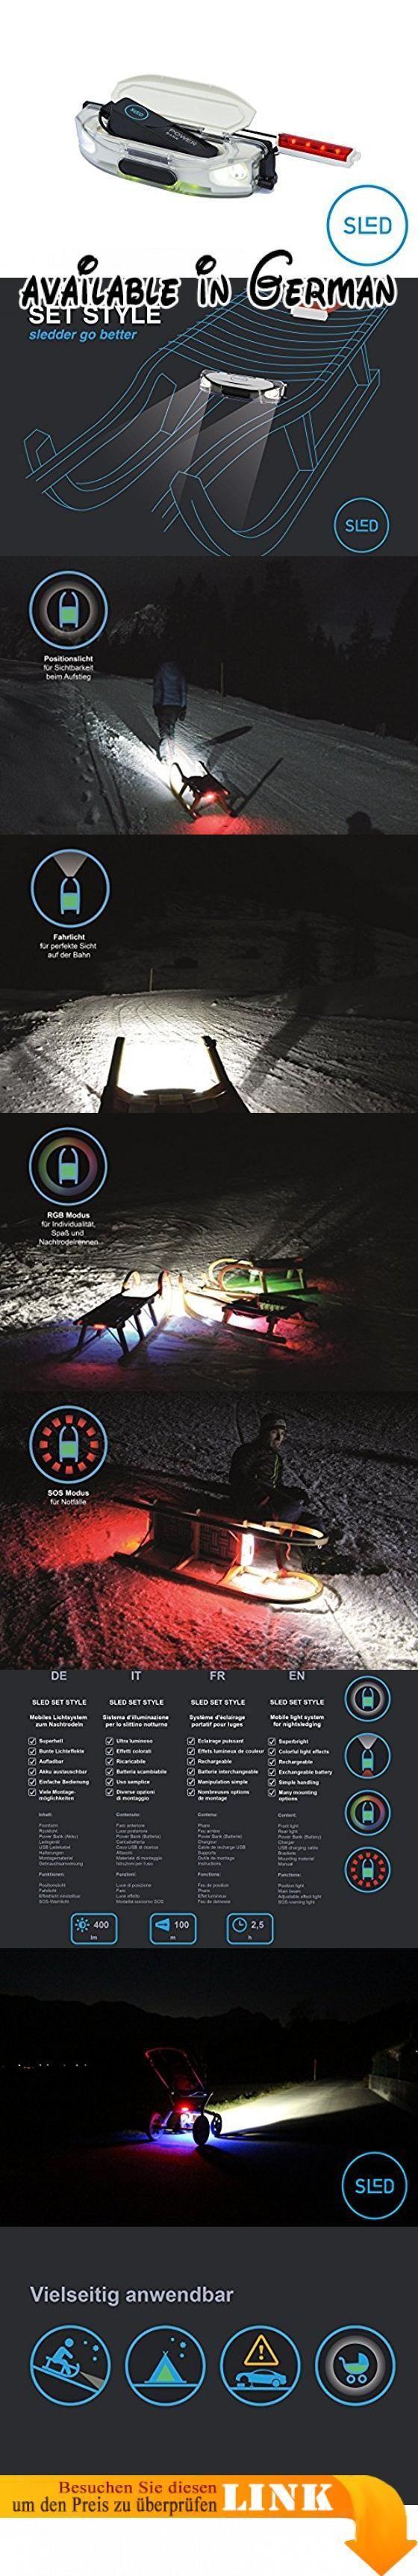 SLED - die Stirn-Lampe für Schlitten und Rodel, mit RGB LED, Akku aufladbar mit USB, 400 Lumen, wasserdicht, passt auf Kathrein Torggler Gasser Fluckinger Gallzeiner Sirch Ress Rijo. passt auf alle gängigen Rodel von Kathrein, Gasser, Gallzeiner, Fluckinger, Rijo, Torggler etc. und auf Davoser Schlitten, ideal für Rennrodel, Tourenrodel und Familienrodel. Lichtleistung: max 400 Lumen (2 x High-Power LED) Reichweite: > 100 m ersetzt die Stirn-Lampe. Batterie: Akku wiederaufladbar